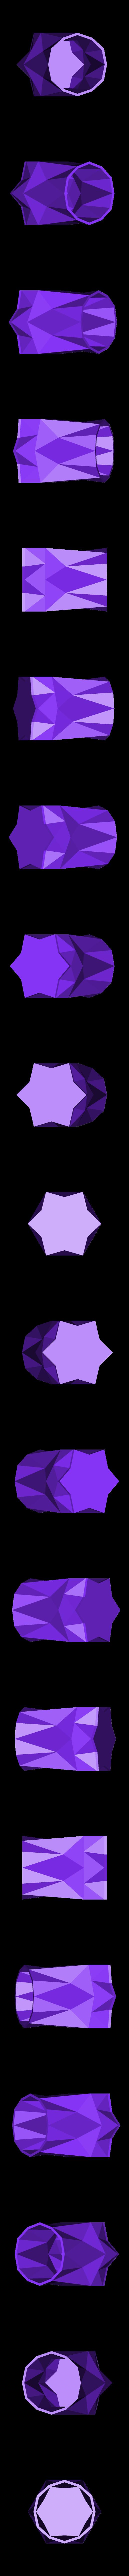 FPOT03.stl Download STL file FlowerPot • 3D print template, xracksox